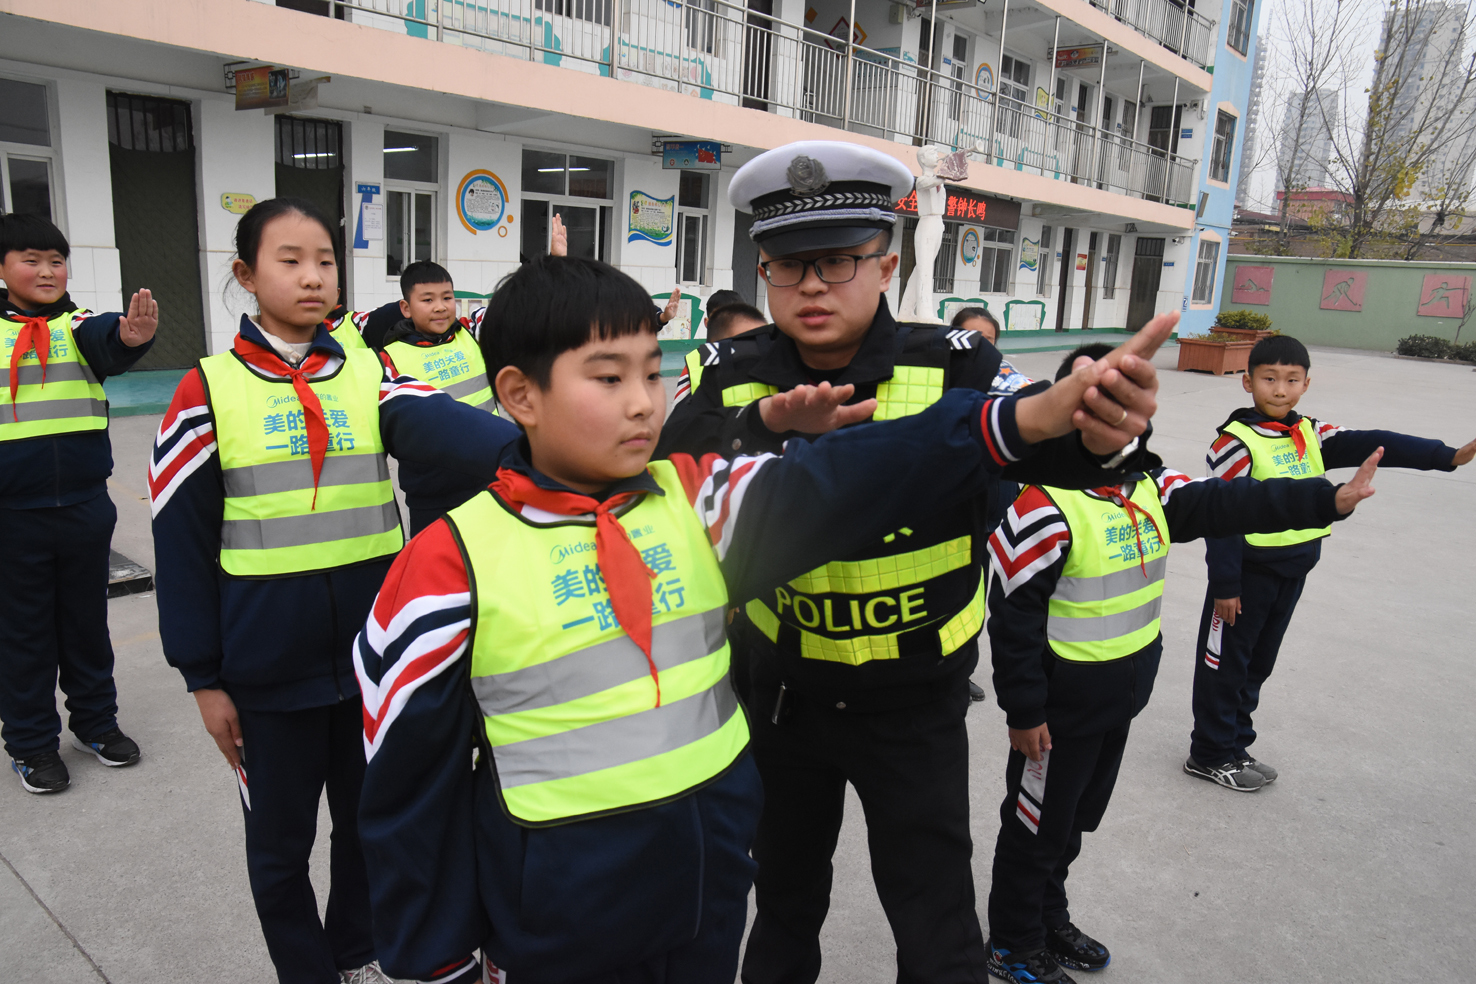 邯郸美的小学西校区邀请交警进校园宣讲交通安全知识